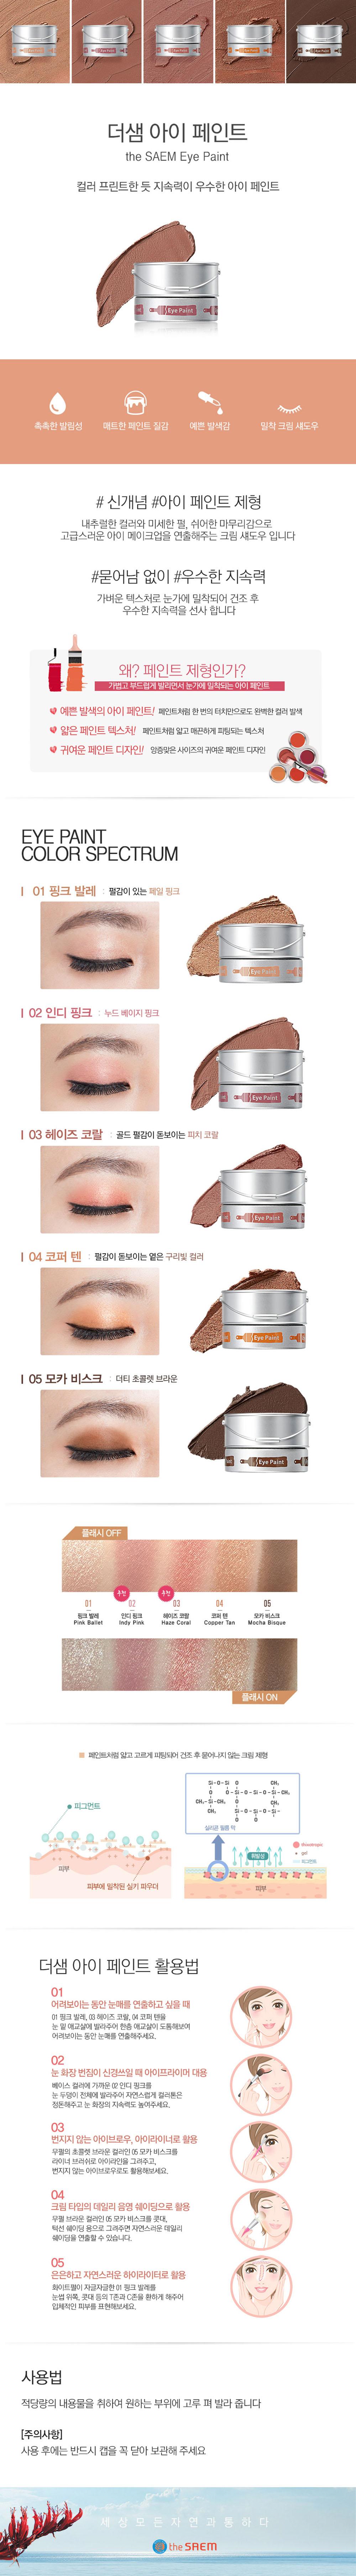 the-saem-eye-paint-5g-1.jpg